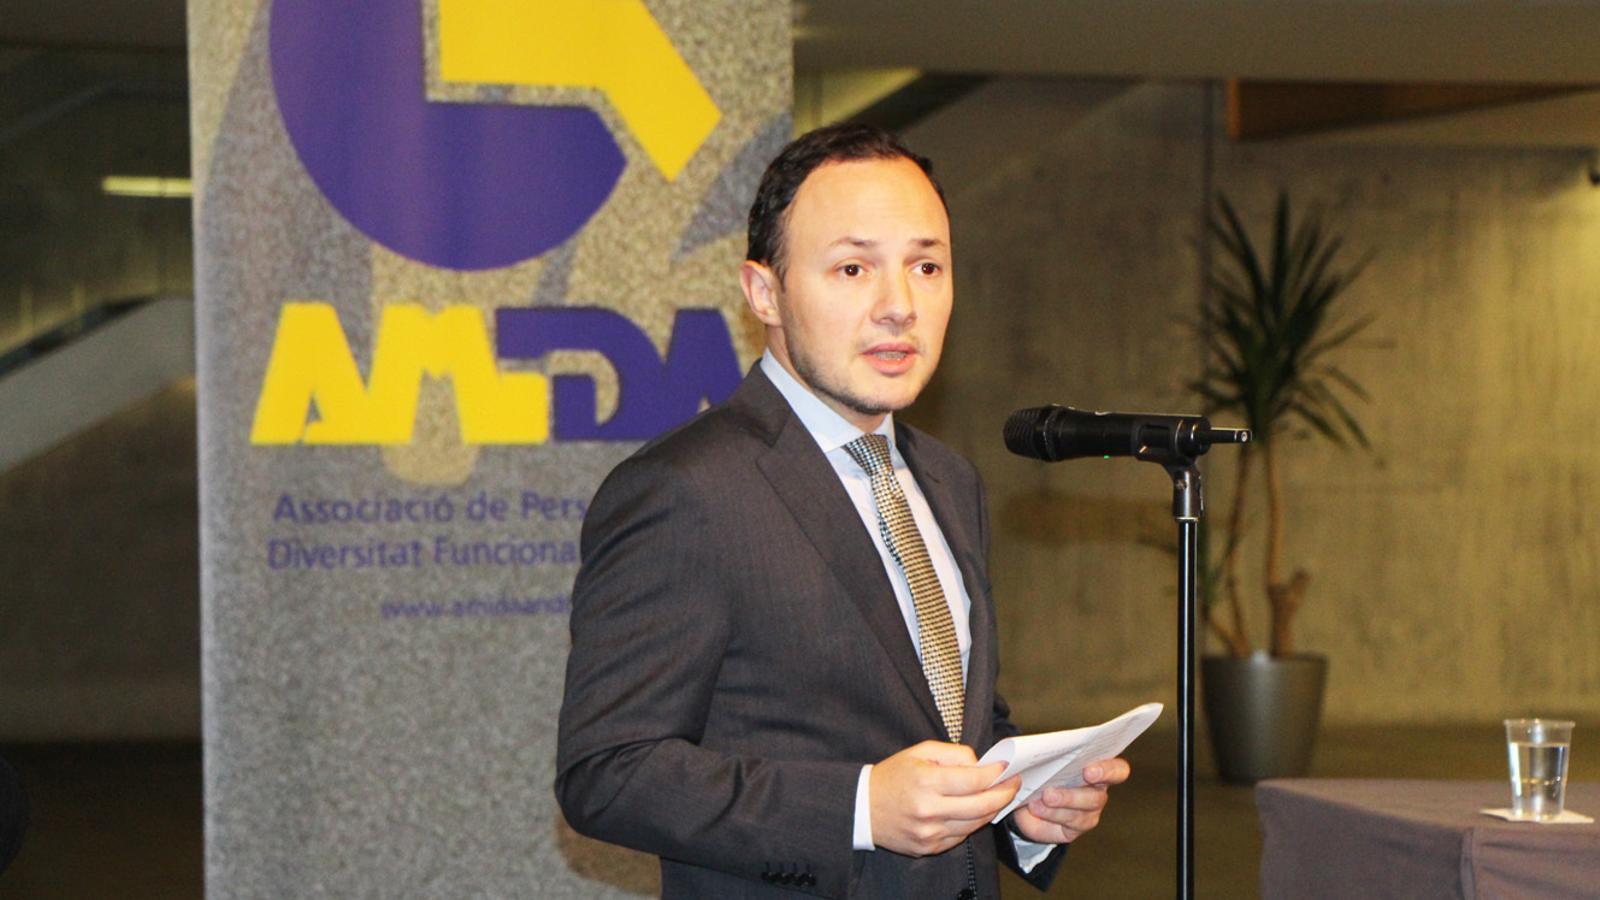 El ministre d'Afers Socials, Justícia i Interior, Xavier Espot, durant la introducció de la conferència organitzada per Amida sobre l'assistència sexual. / E. J. M.